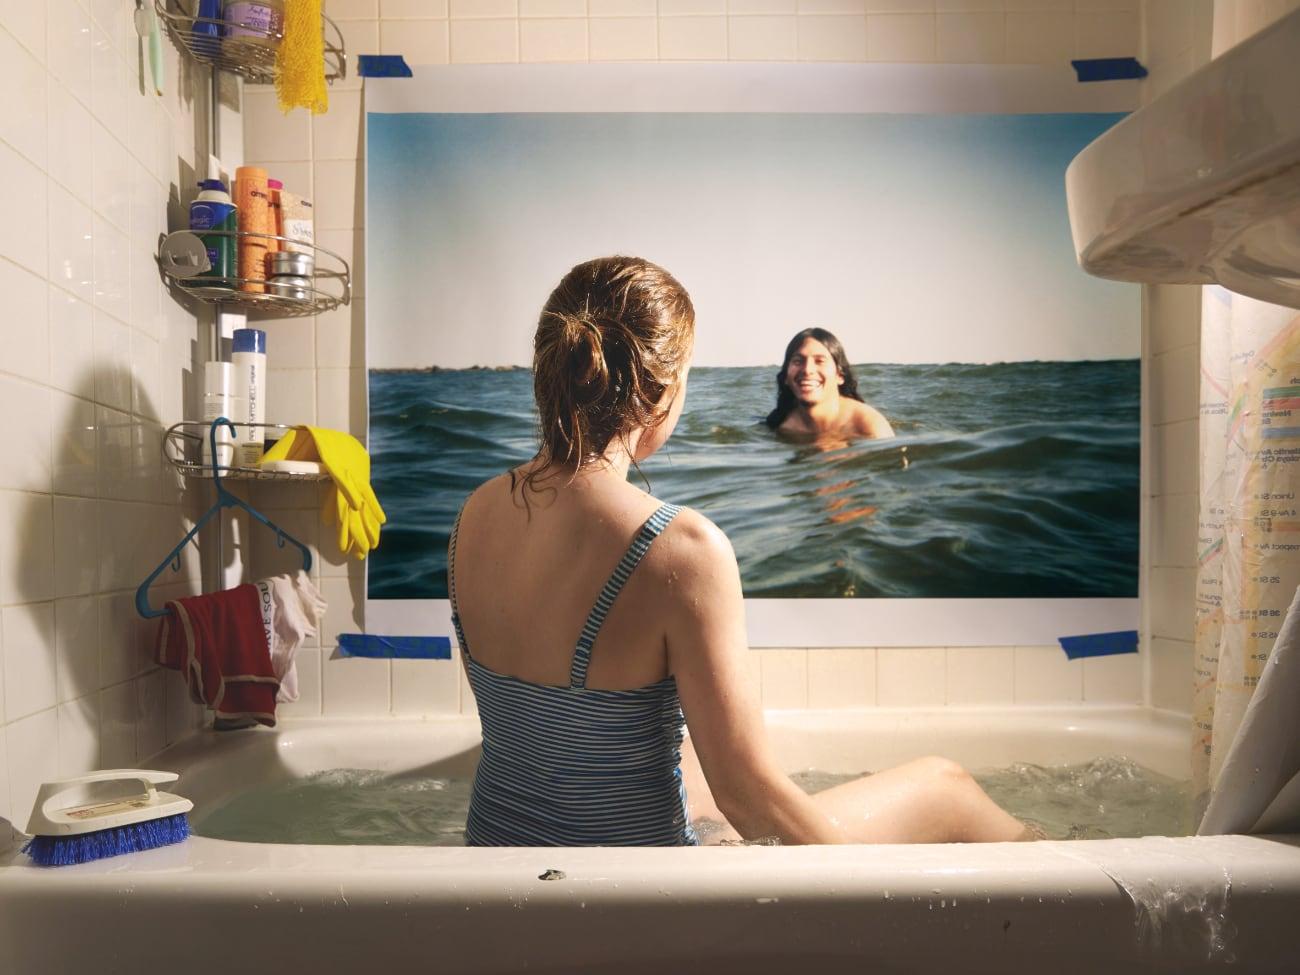 foto: © Alison Luntz - In Spirit - That Sunny Day: vrouw zit in bad en kijkt naar foto van vrouw die in zee zwemt